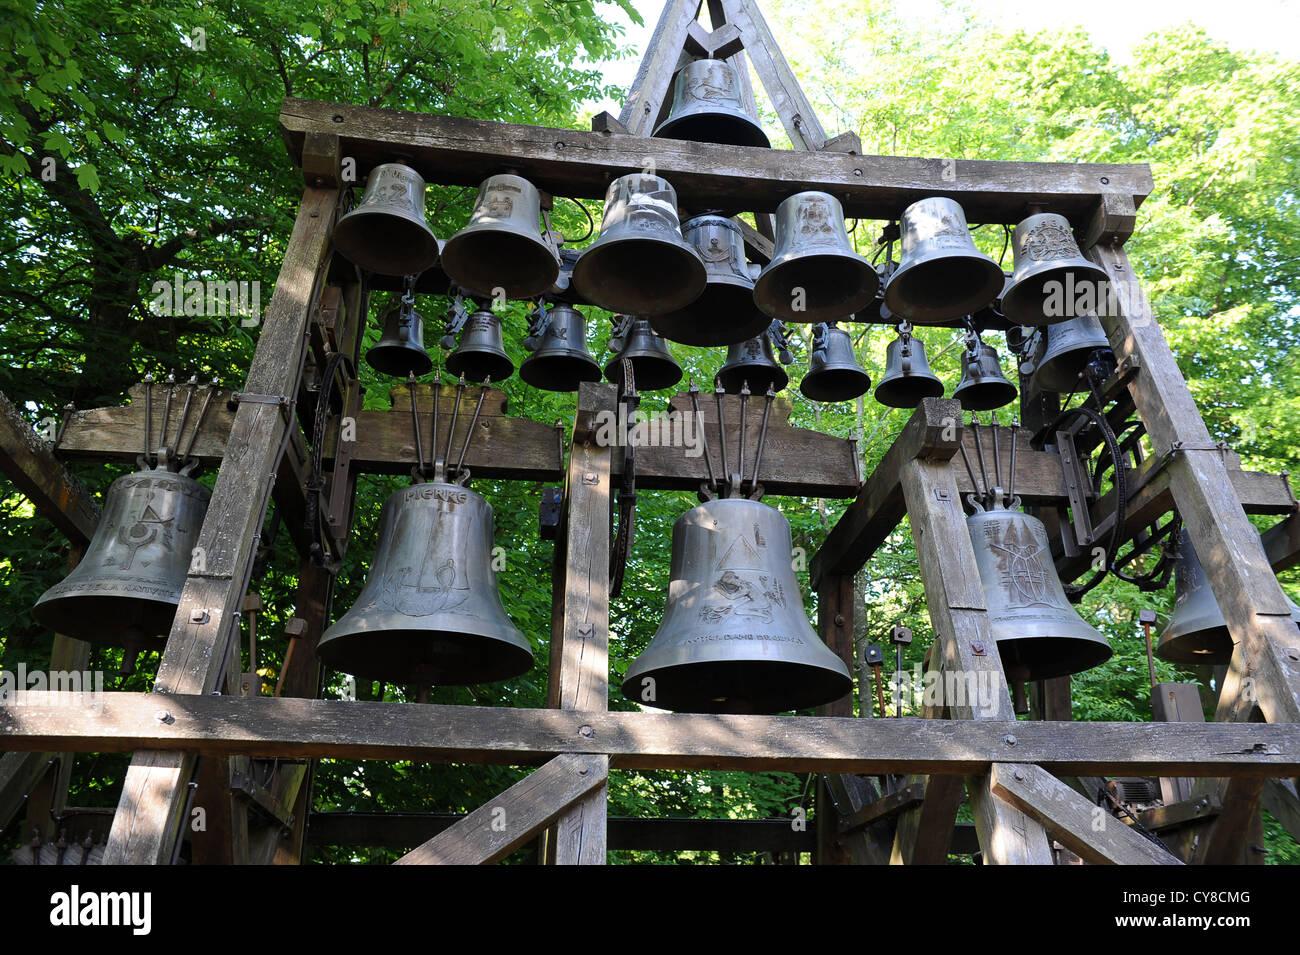 Honfleur Normandy France the bells of Notre Dame de Grace Chapel Stock Photo